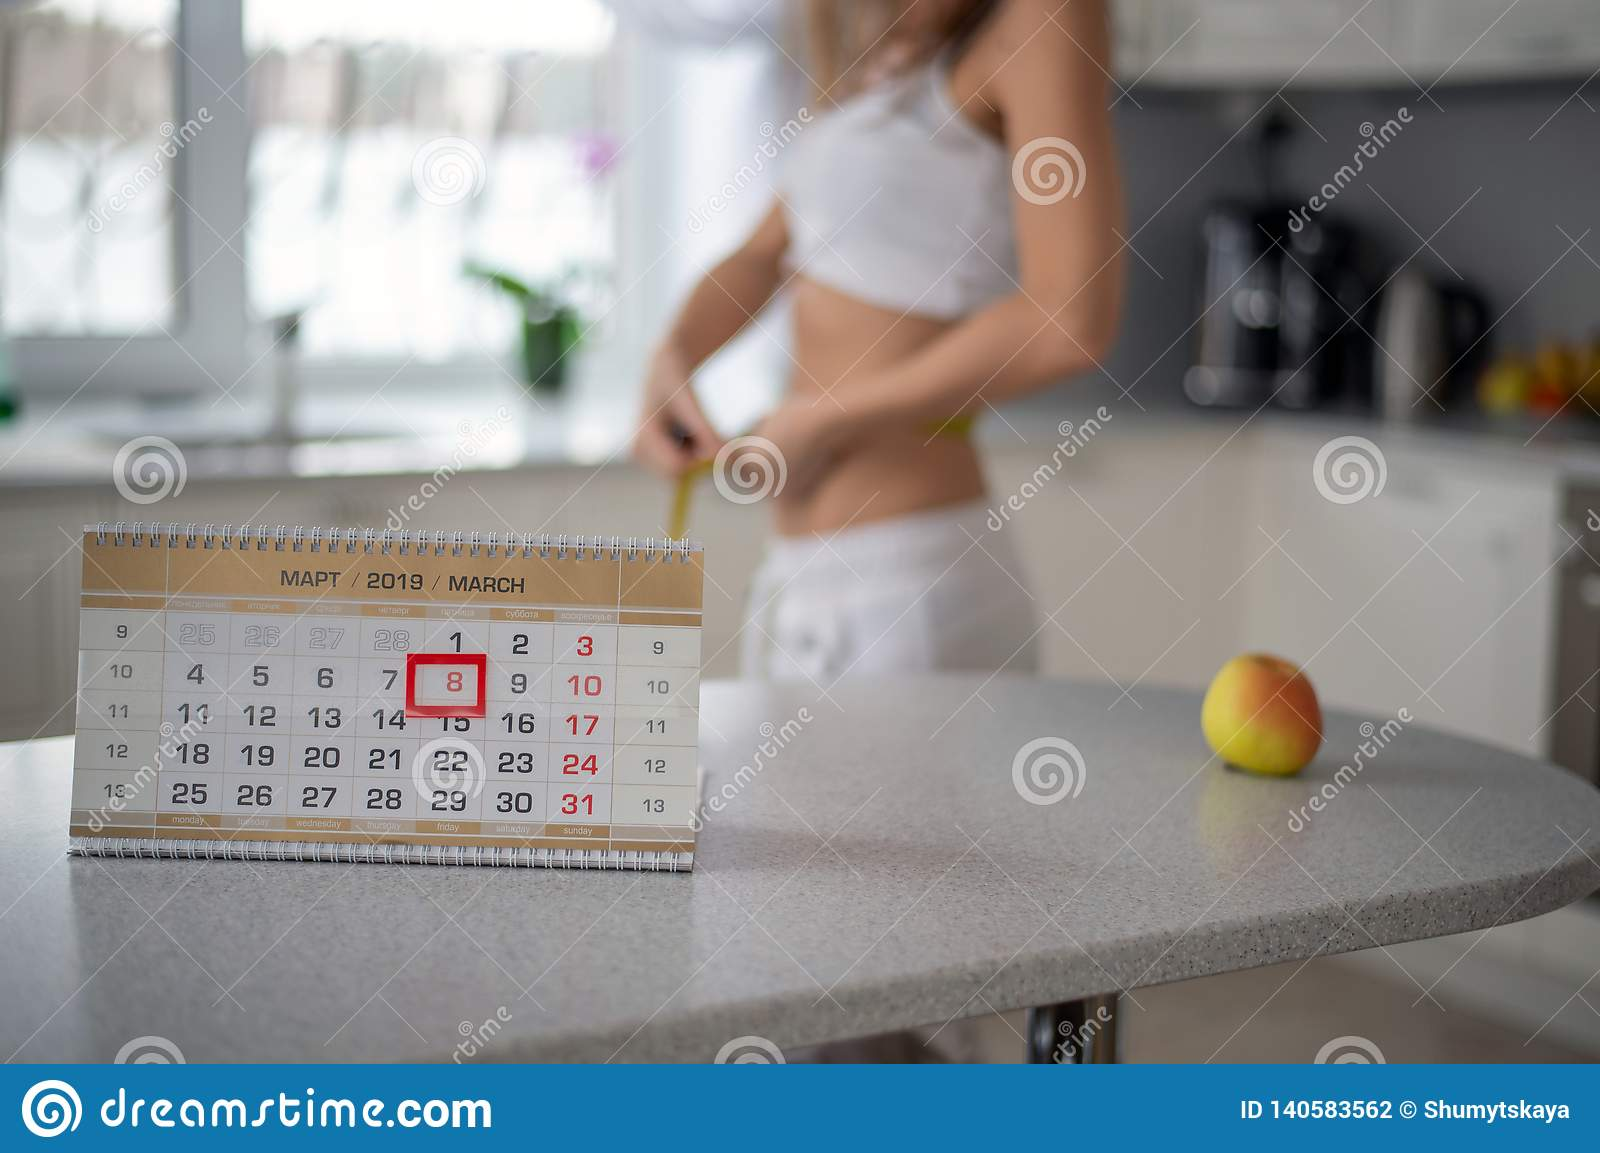 Потеряйте вес к весна, диаграмму девушки